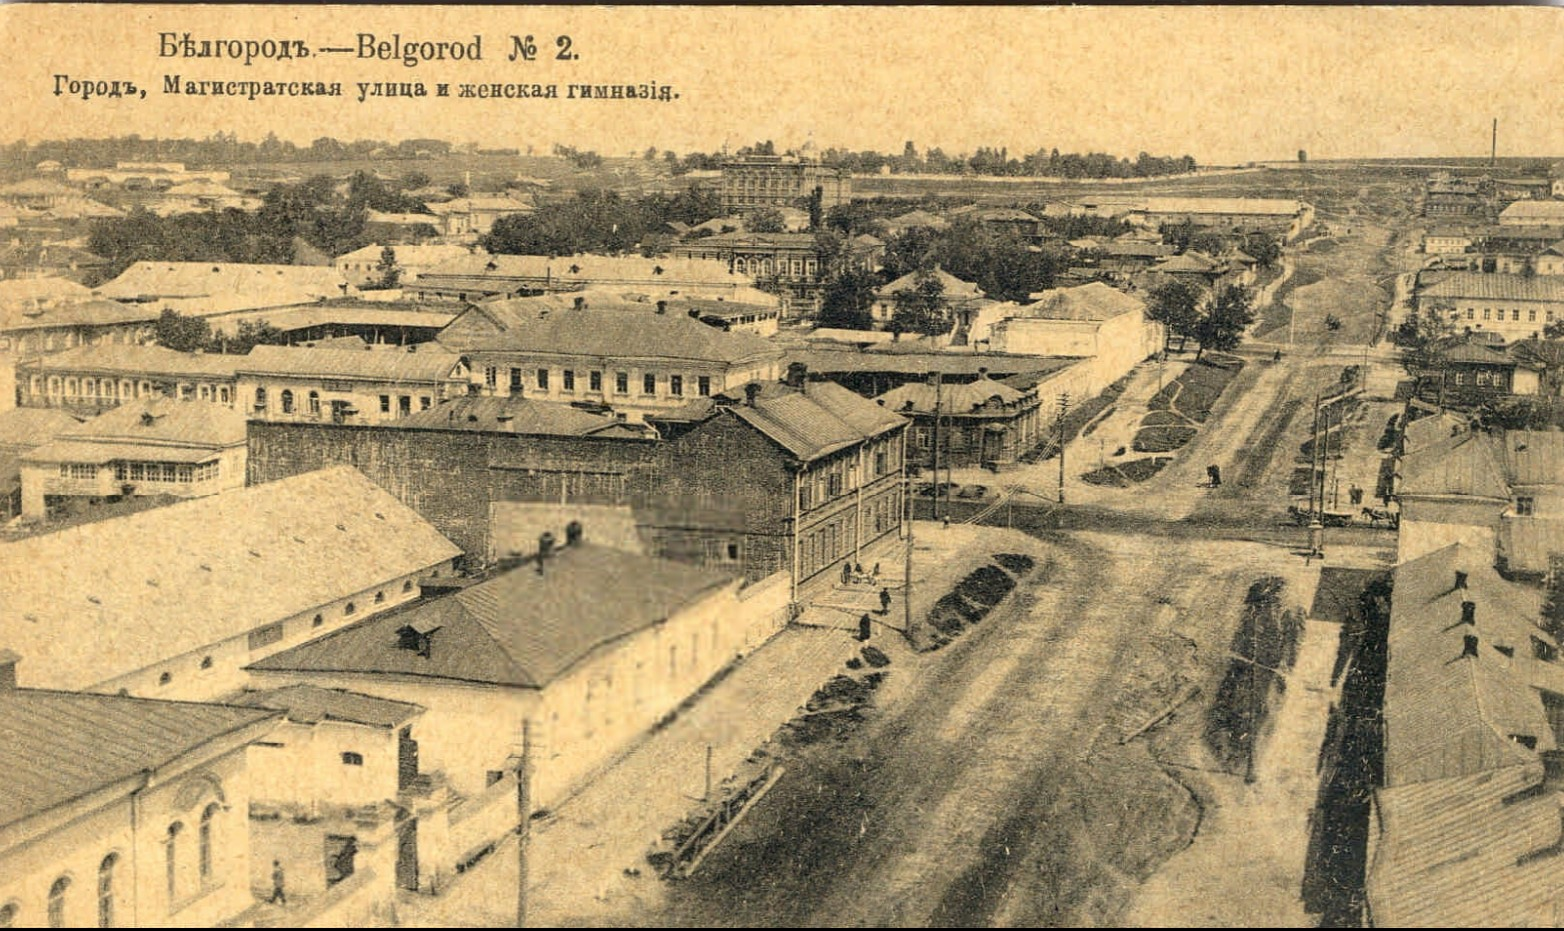 Город, Магистратская улица и женская гимназия